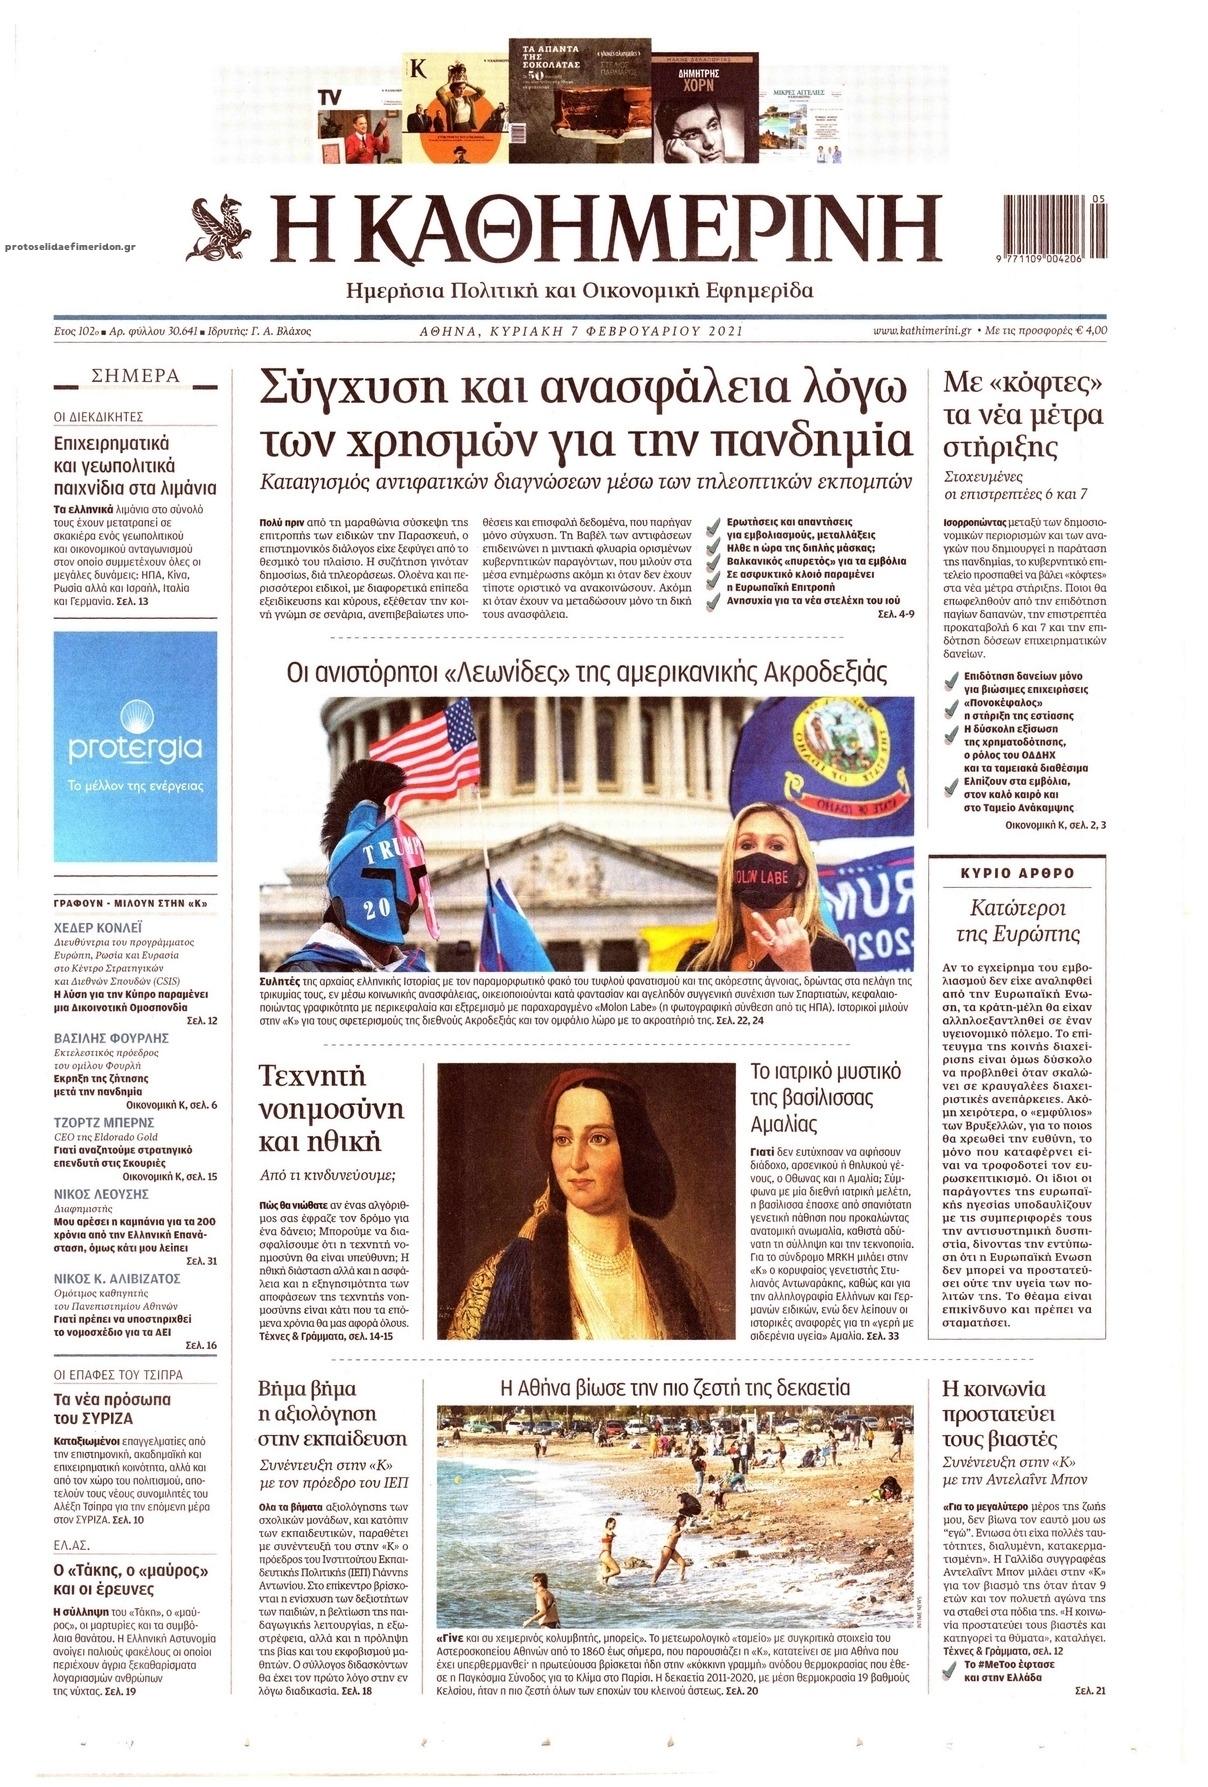 Πρωτοσέλιδο εφημερίδας Καθημερινή